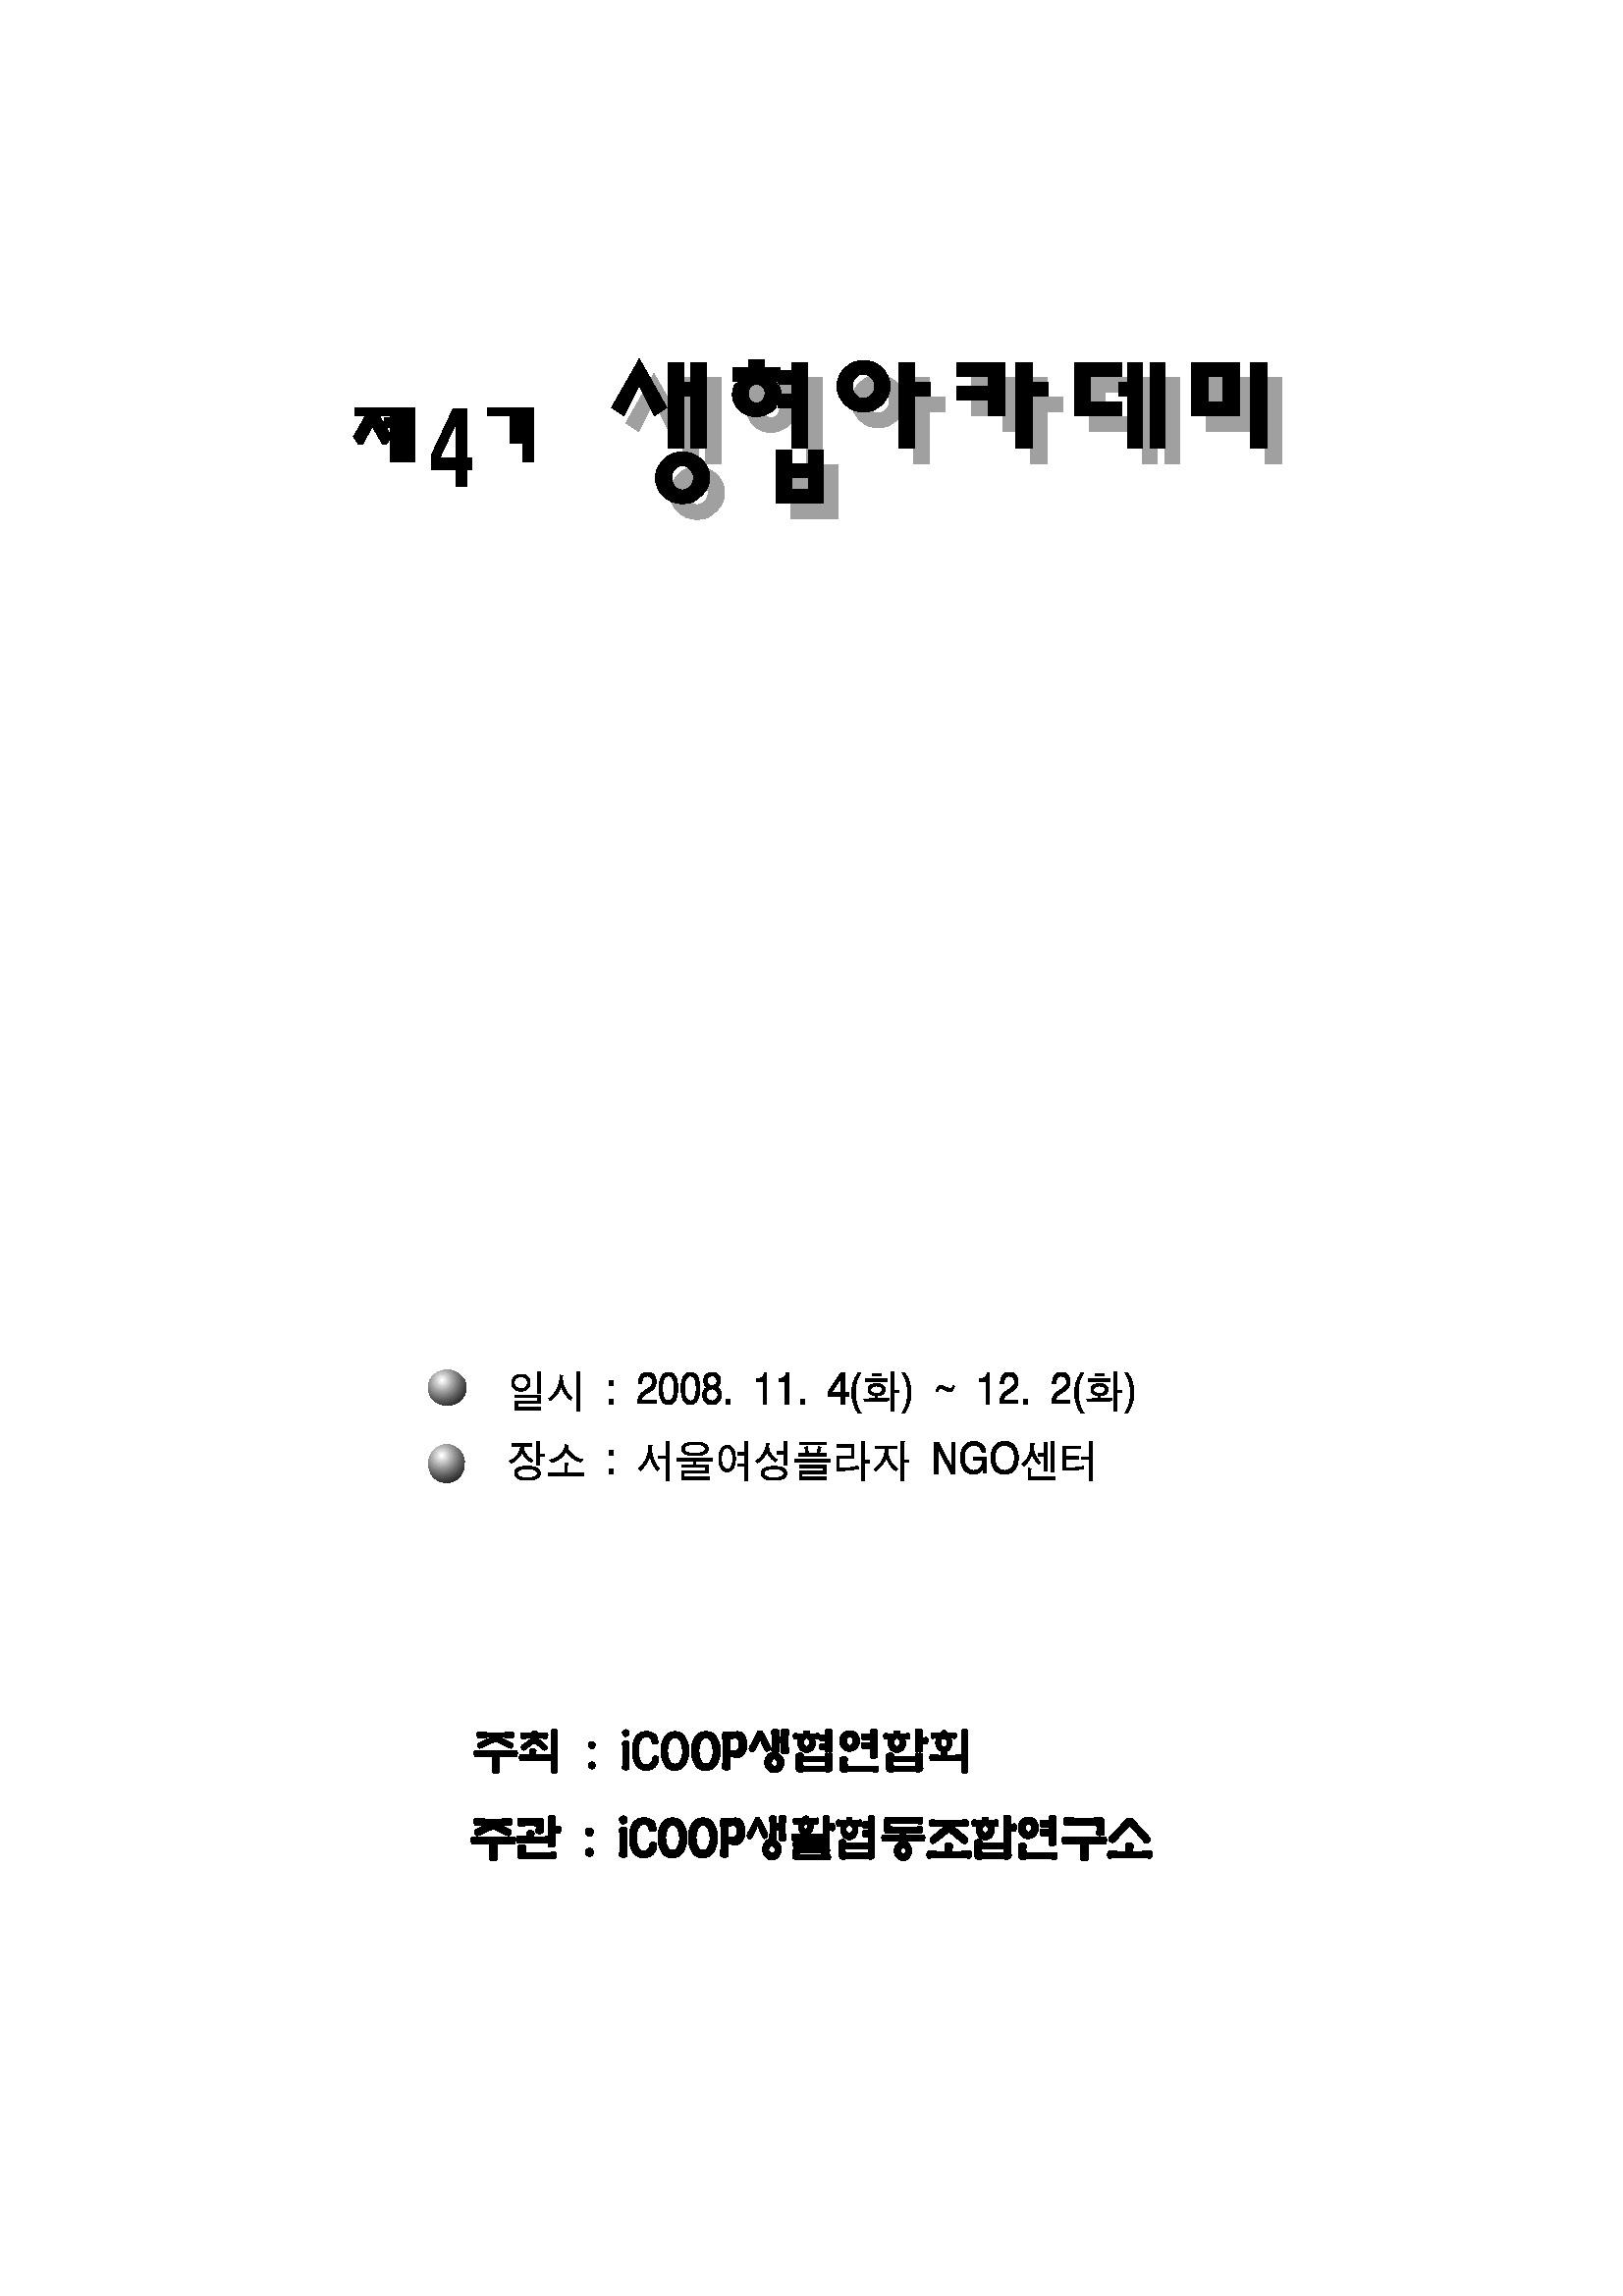 25_『제4기 생협아카데미 자료집』_Page_001.jpg